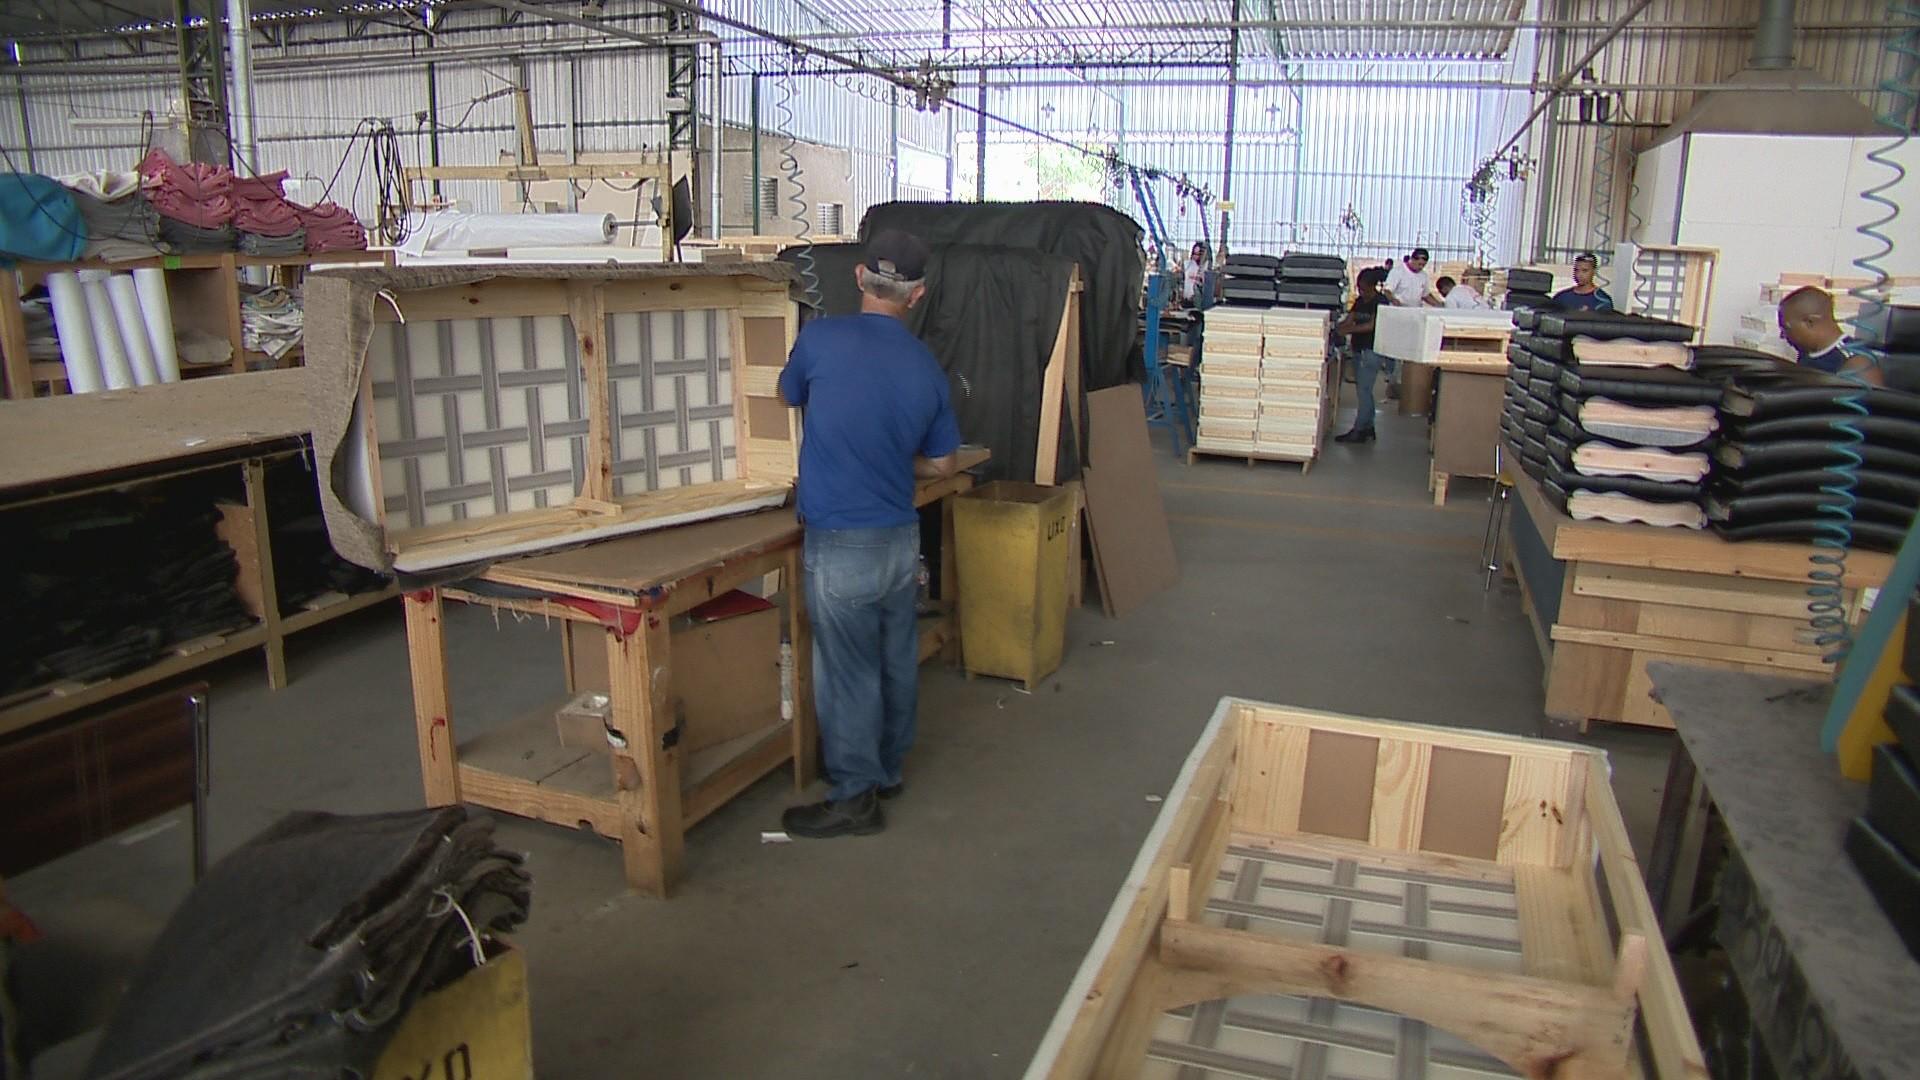 Indústria reduz 104 postos de trabalho, mas AP fecha fevereiro com saldo positivo de empregos - Noticias